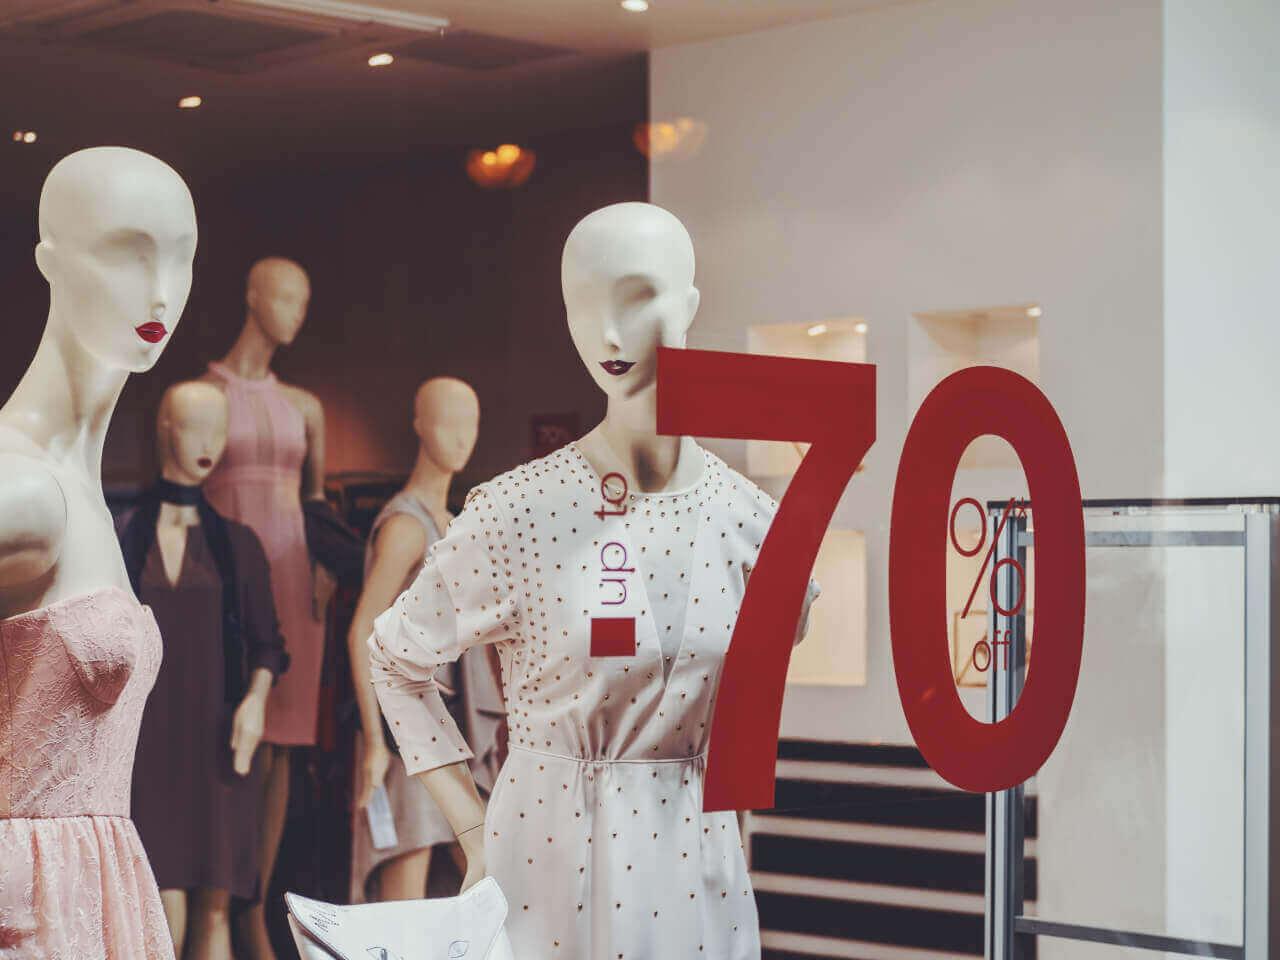 daniel von appen 482680 unsplash 1 - Warum Shoppen in der Slowakei viele Reize hat?